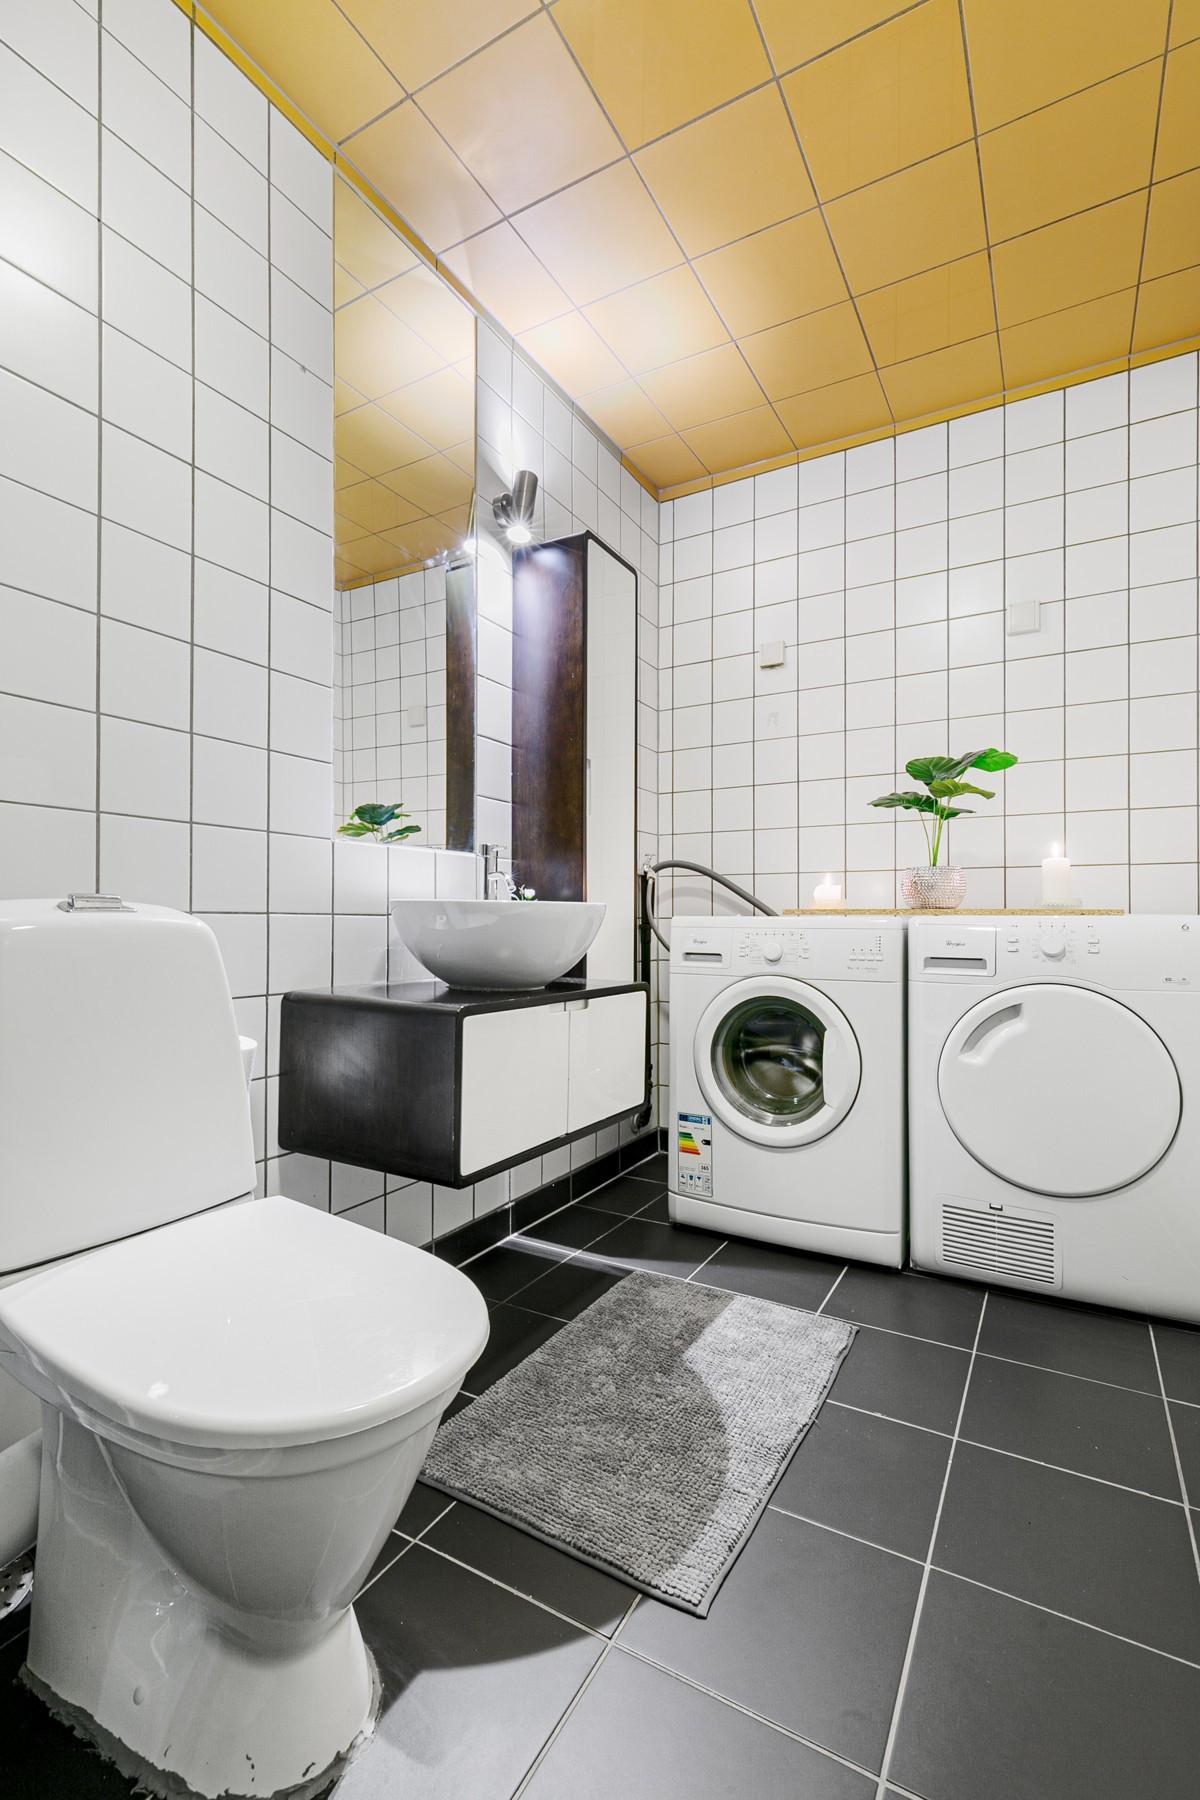 Opplegg til vaskemaskin